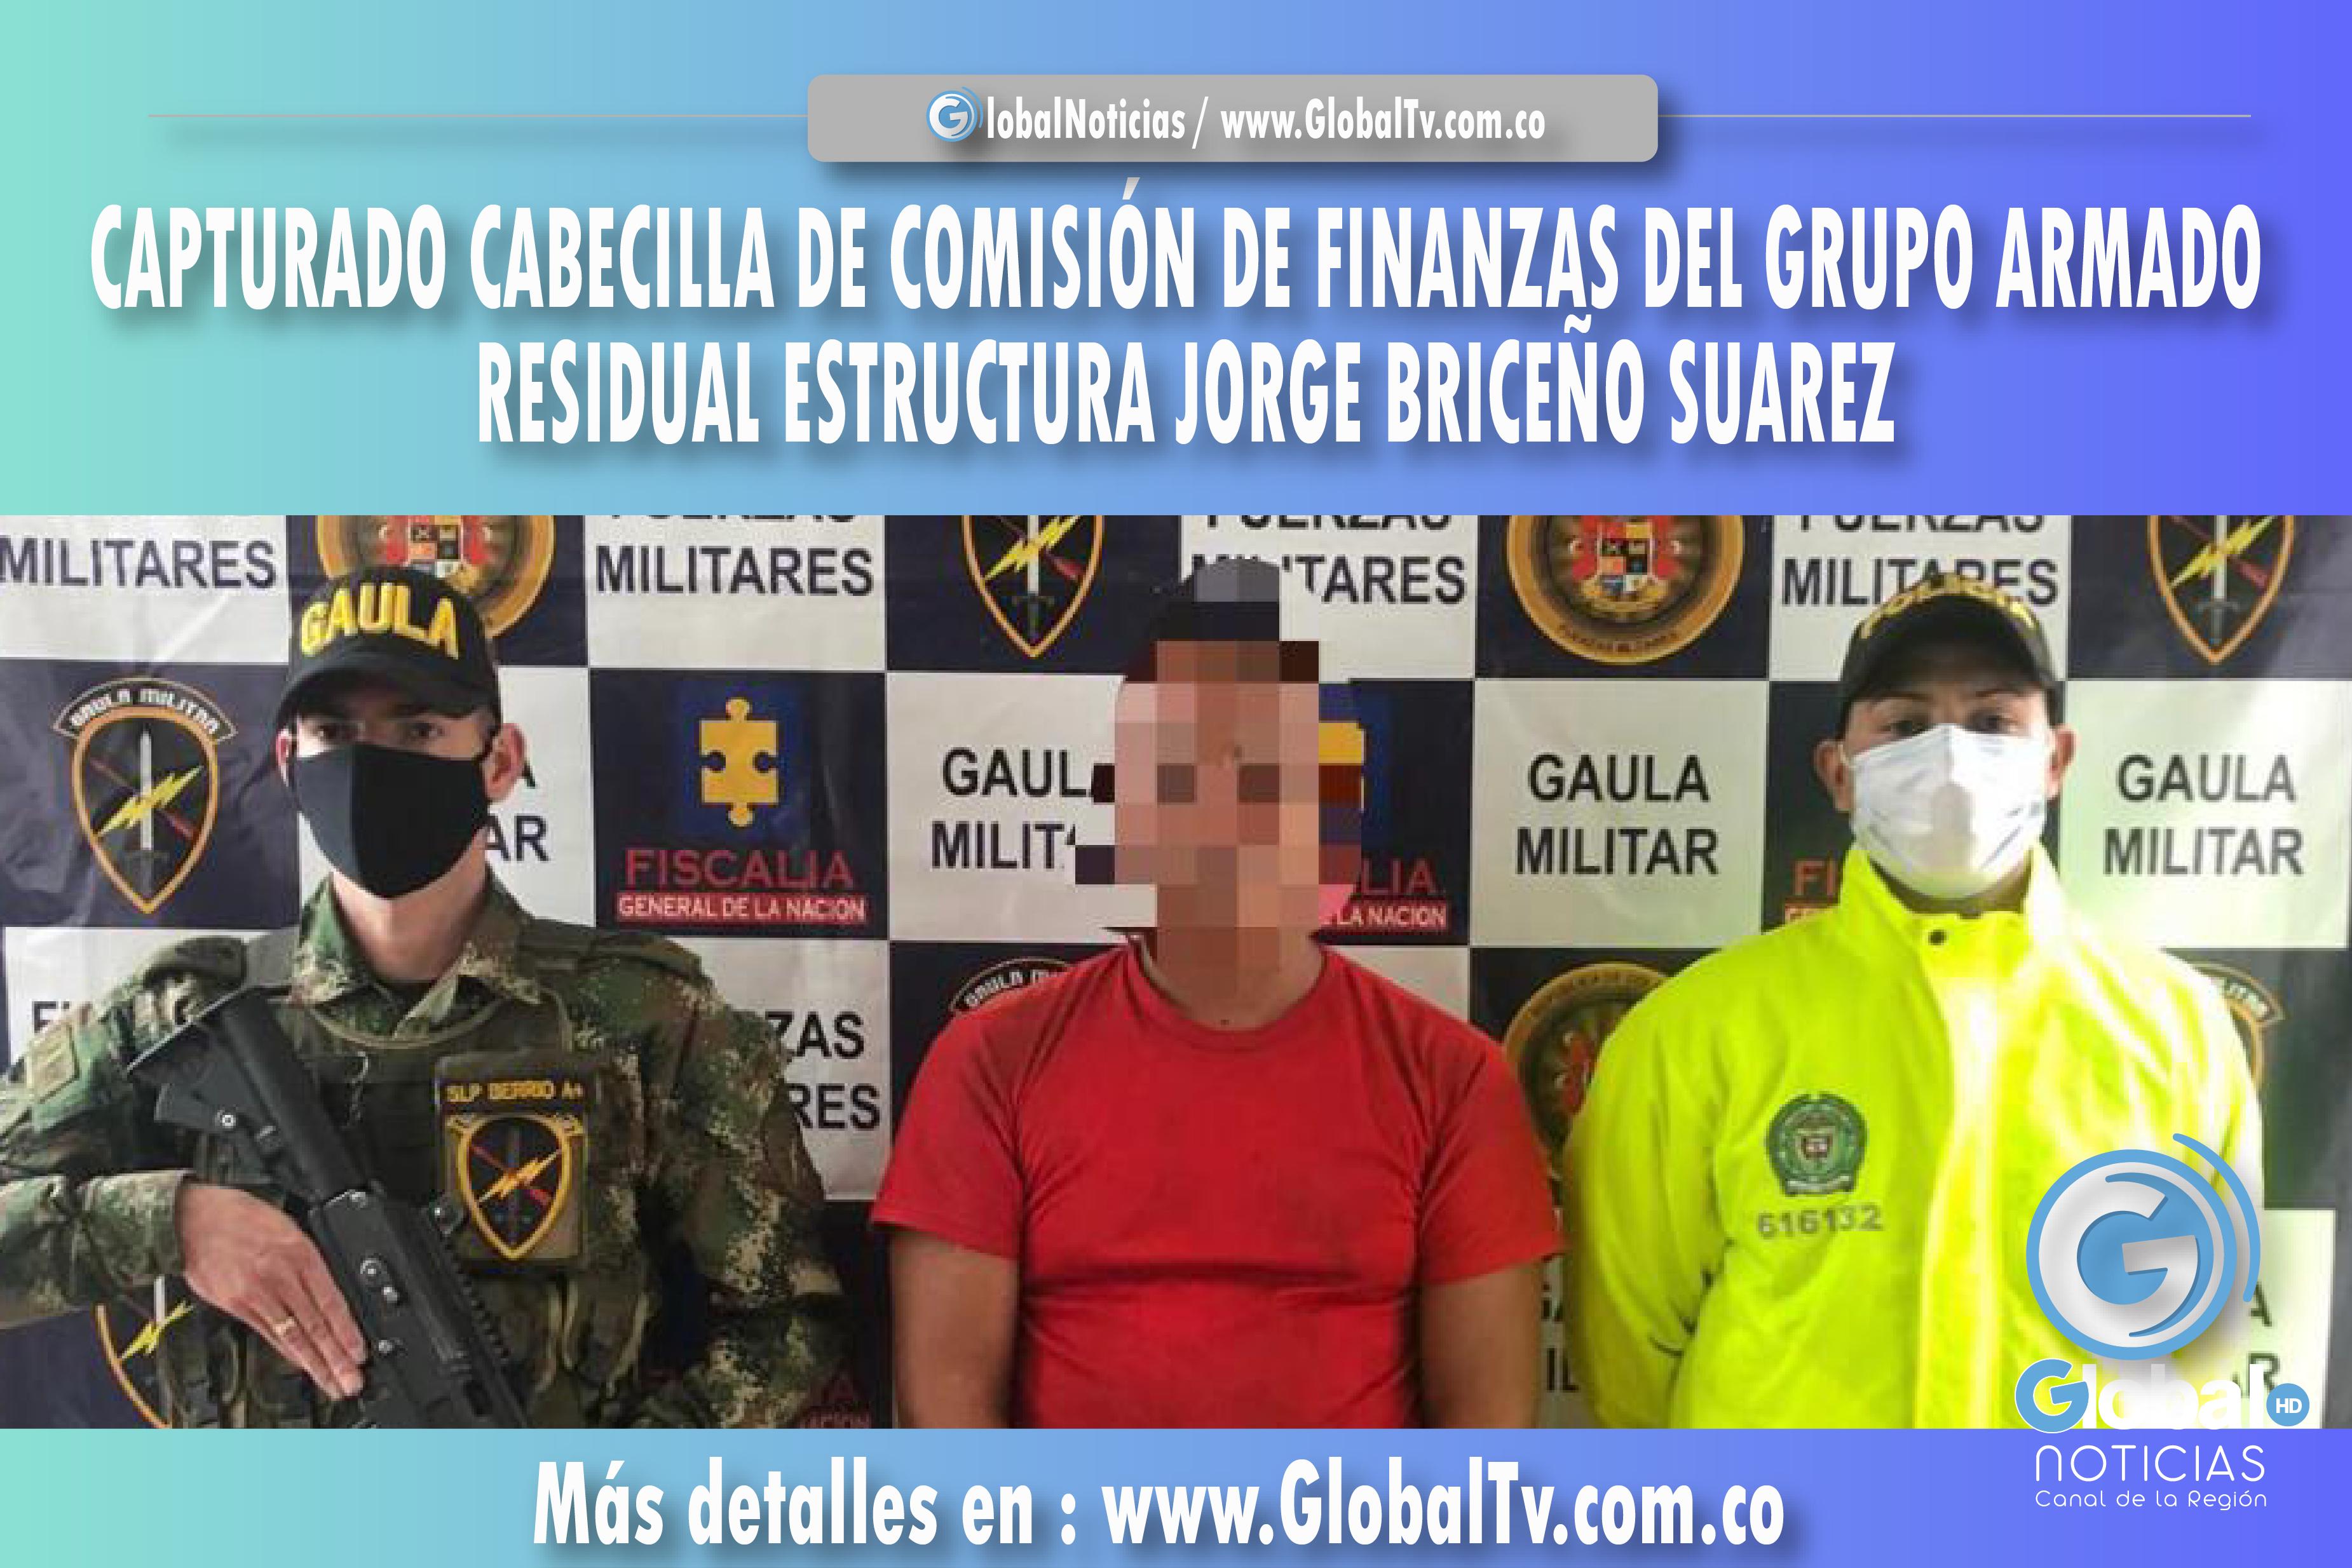 CAPTURADO CABECILLA DE COMISIÓN DE FINANZAS DEL GRUPO ARMADO RESIDUAL ESTRUCTURA JORGE BRICEÑO SUAREZ